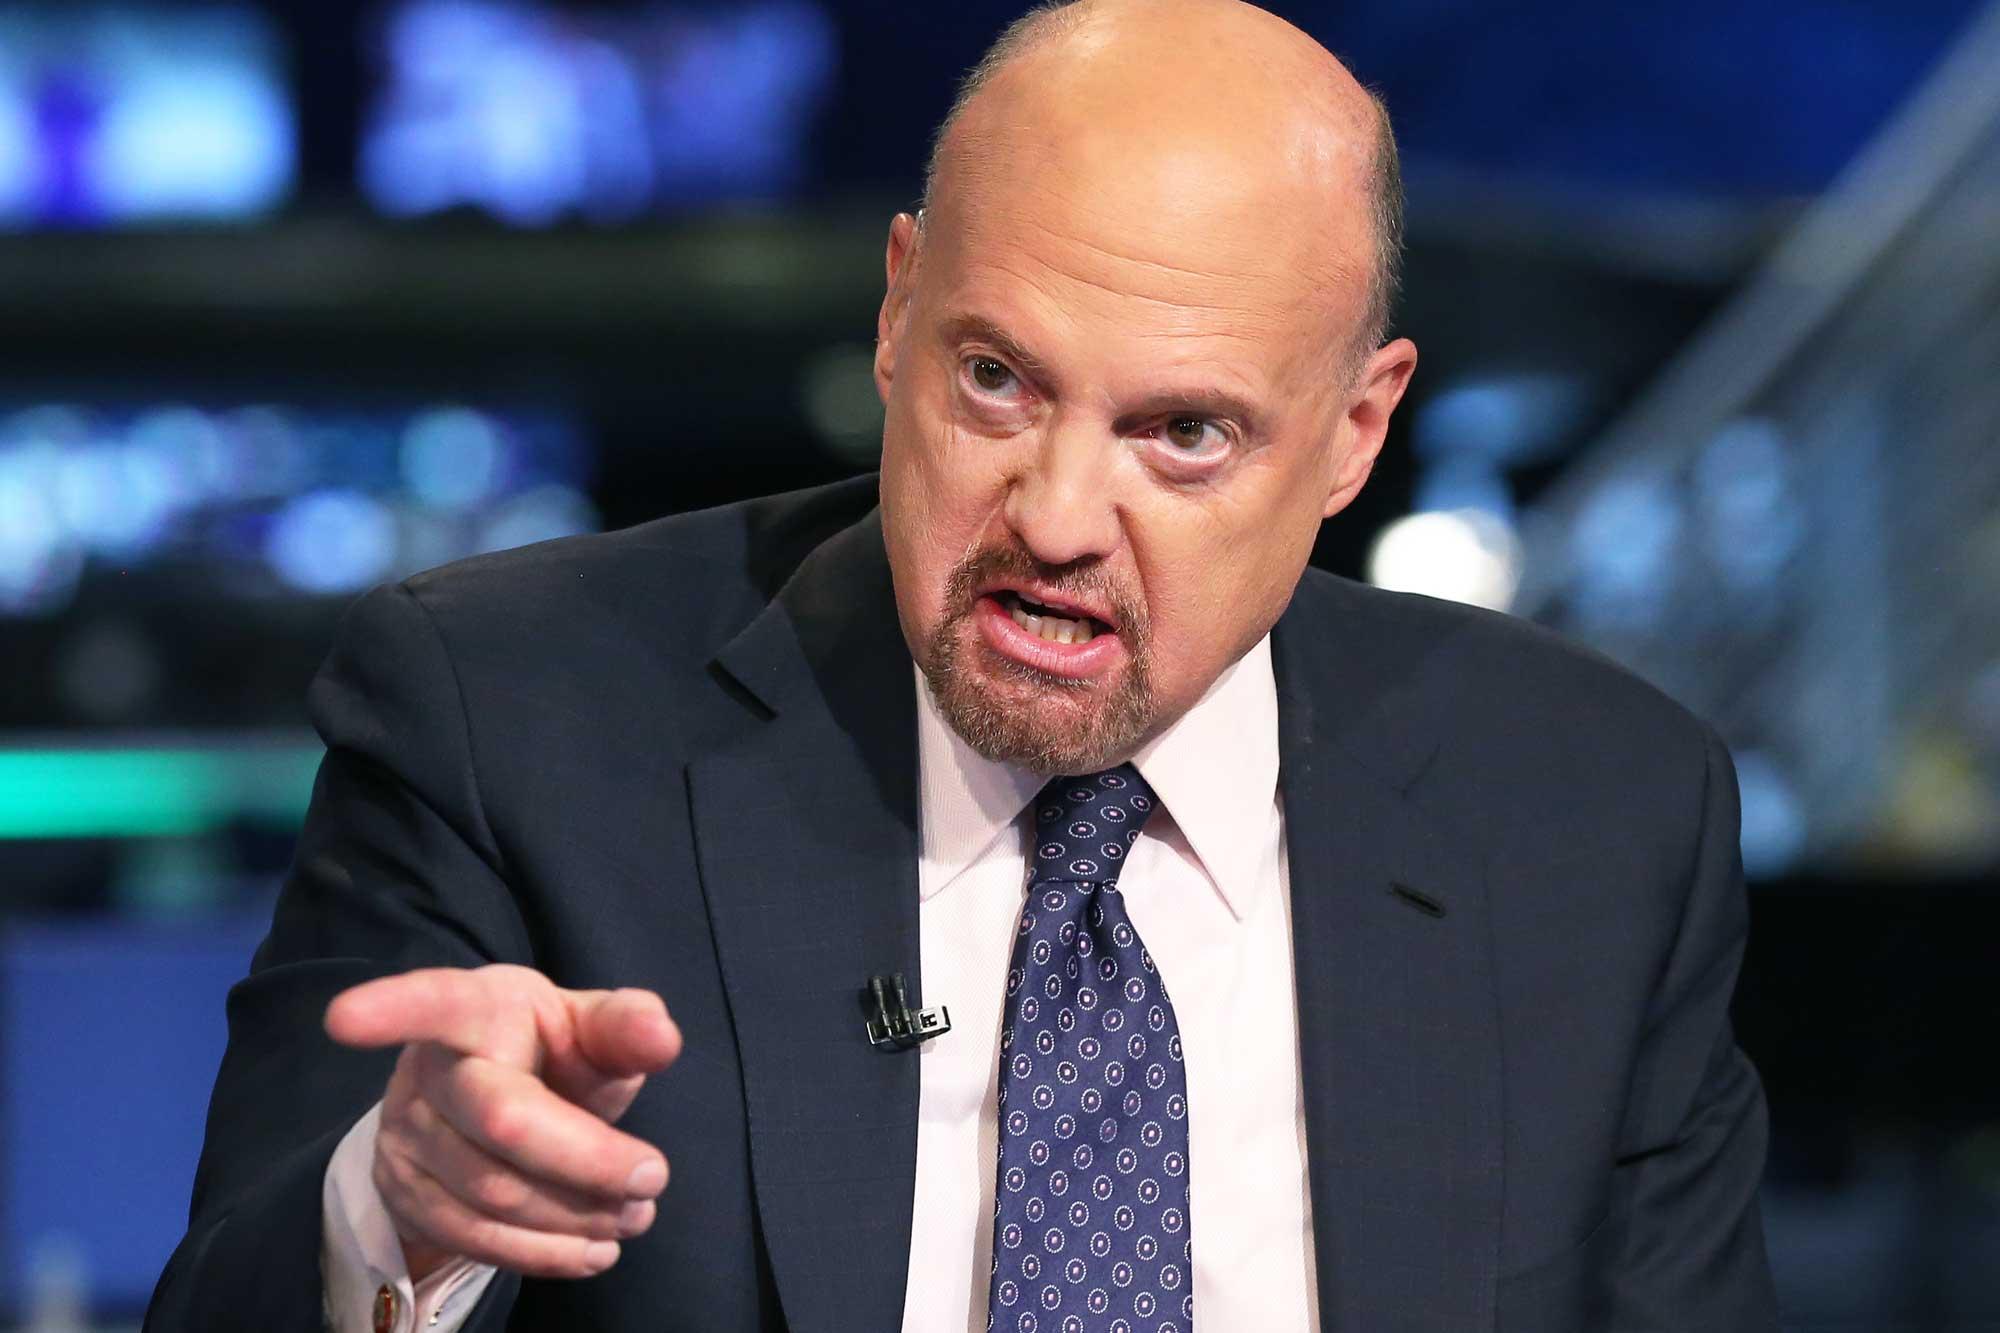 Cramer: invierta a largo plazo para evitar quebrar en Archegos a corto plazo, caos tipo GameStop